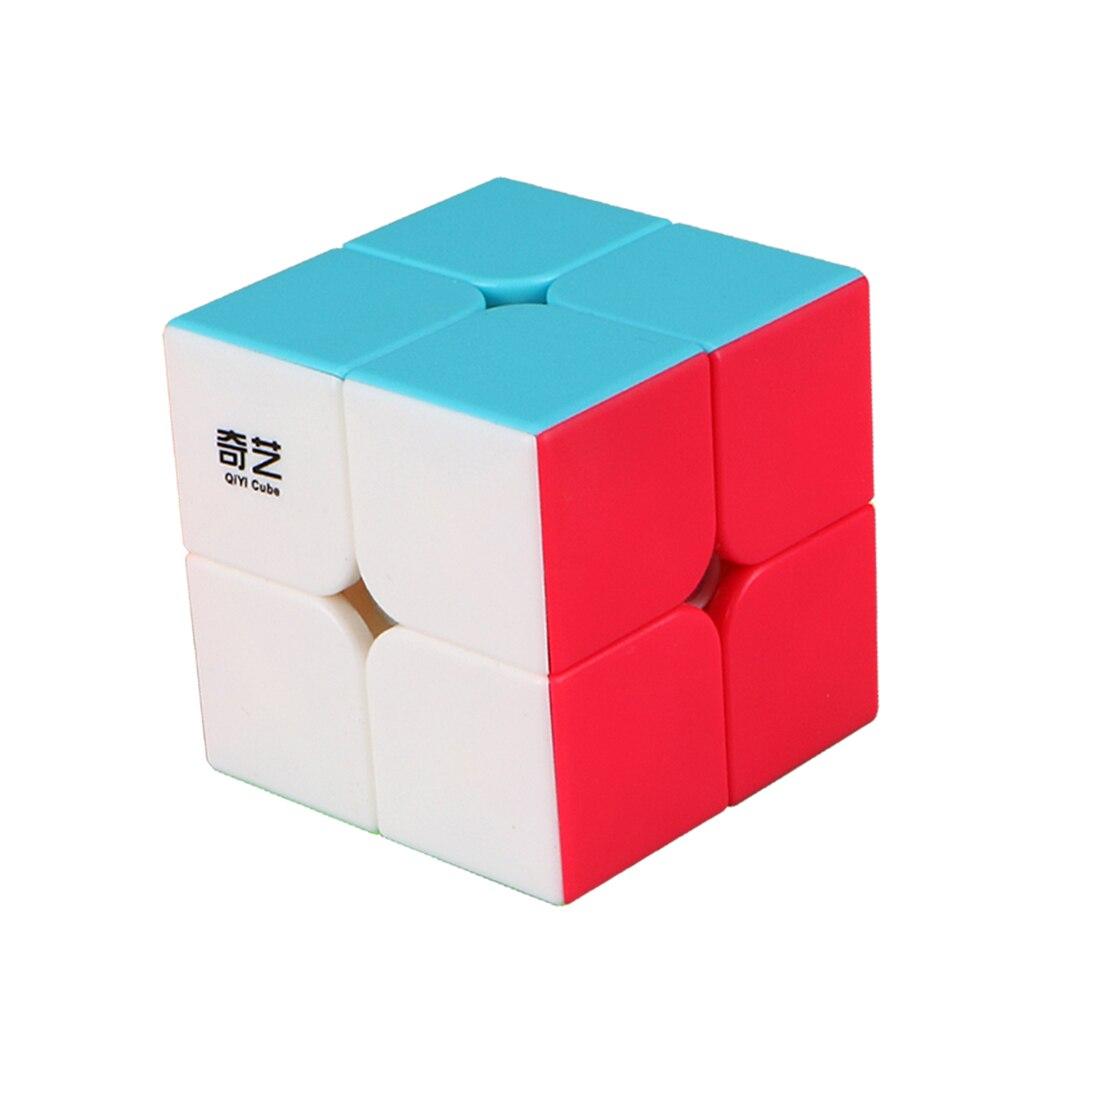 Qiyi QiDi S 2x2 Cube magique Cube de vitesse jouet